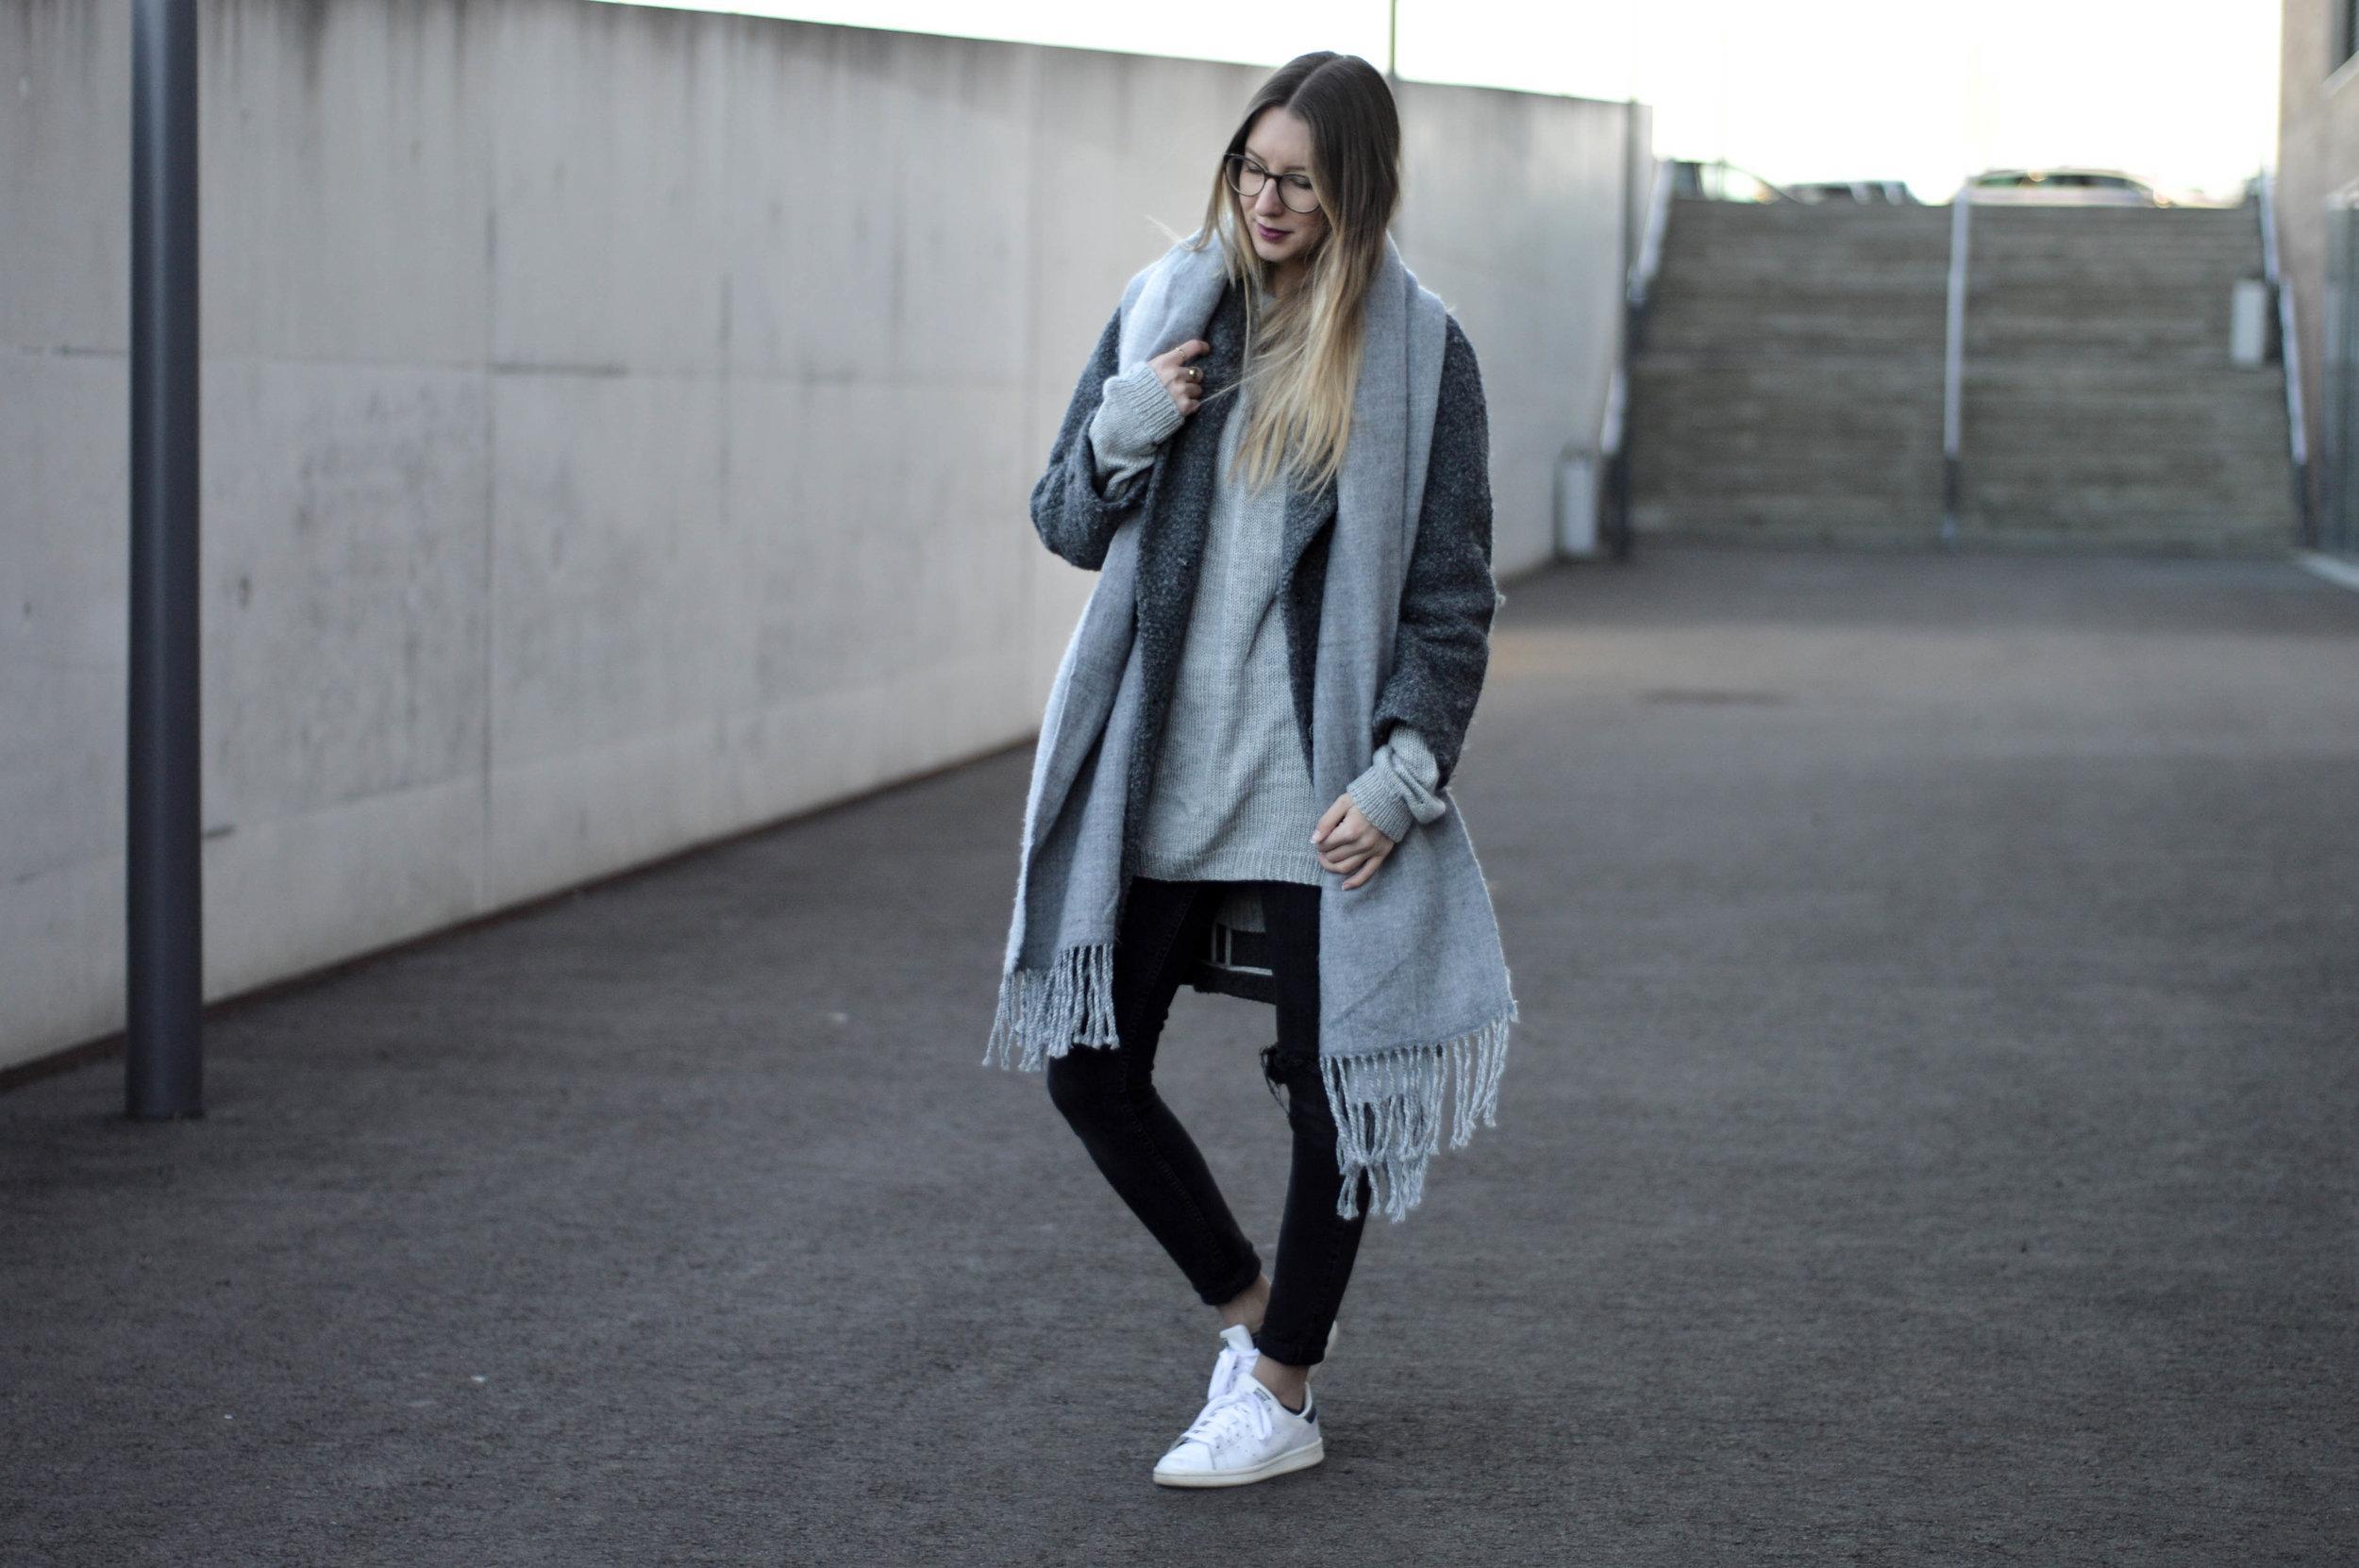 Grey Coat - OSIARAH.COM (16 of 18).jpg